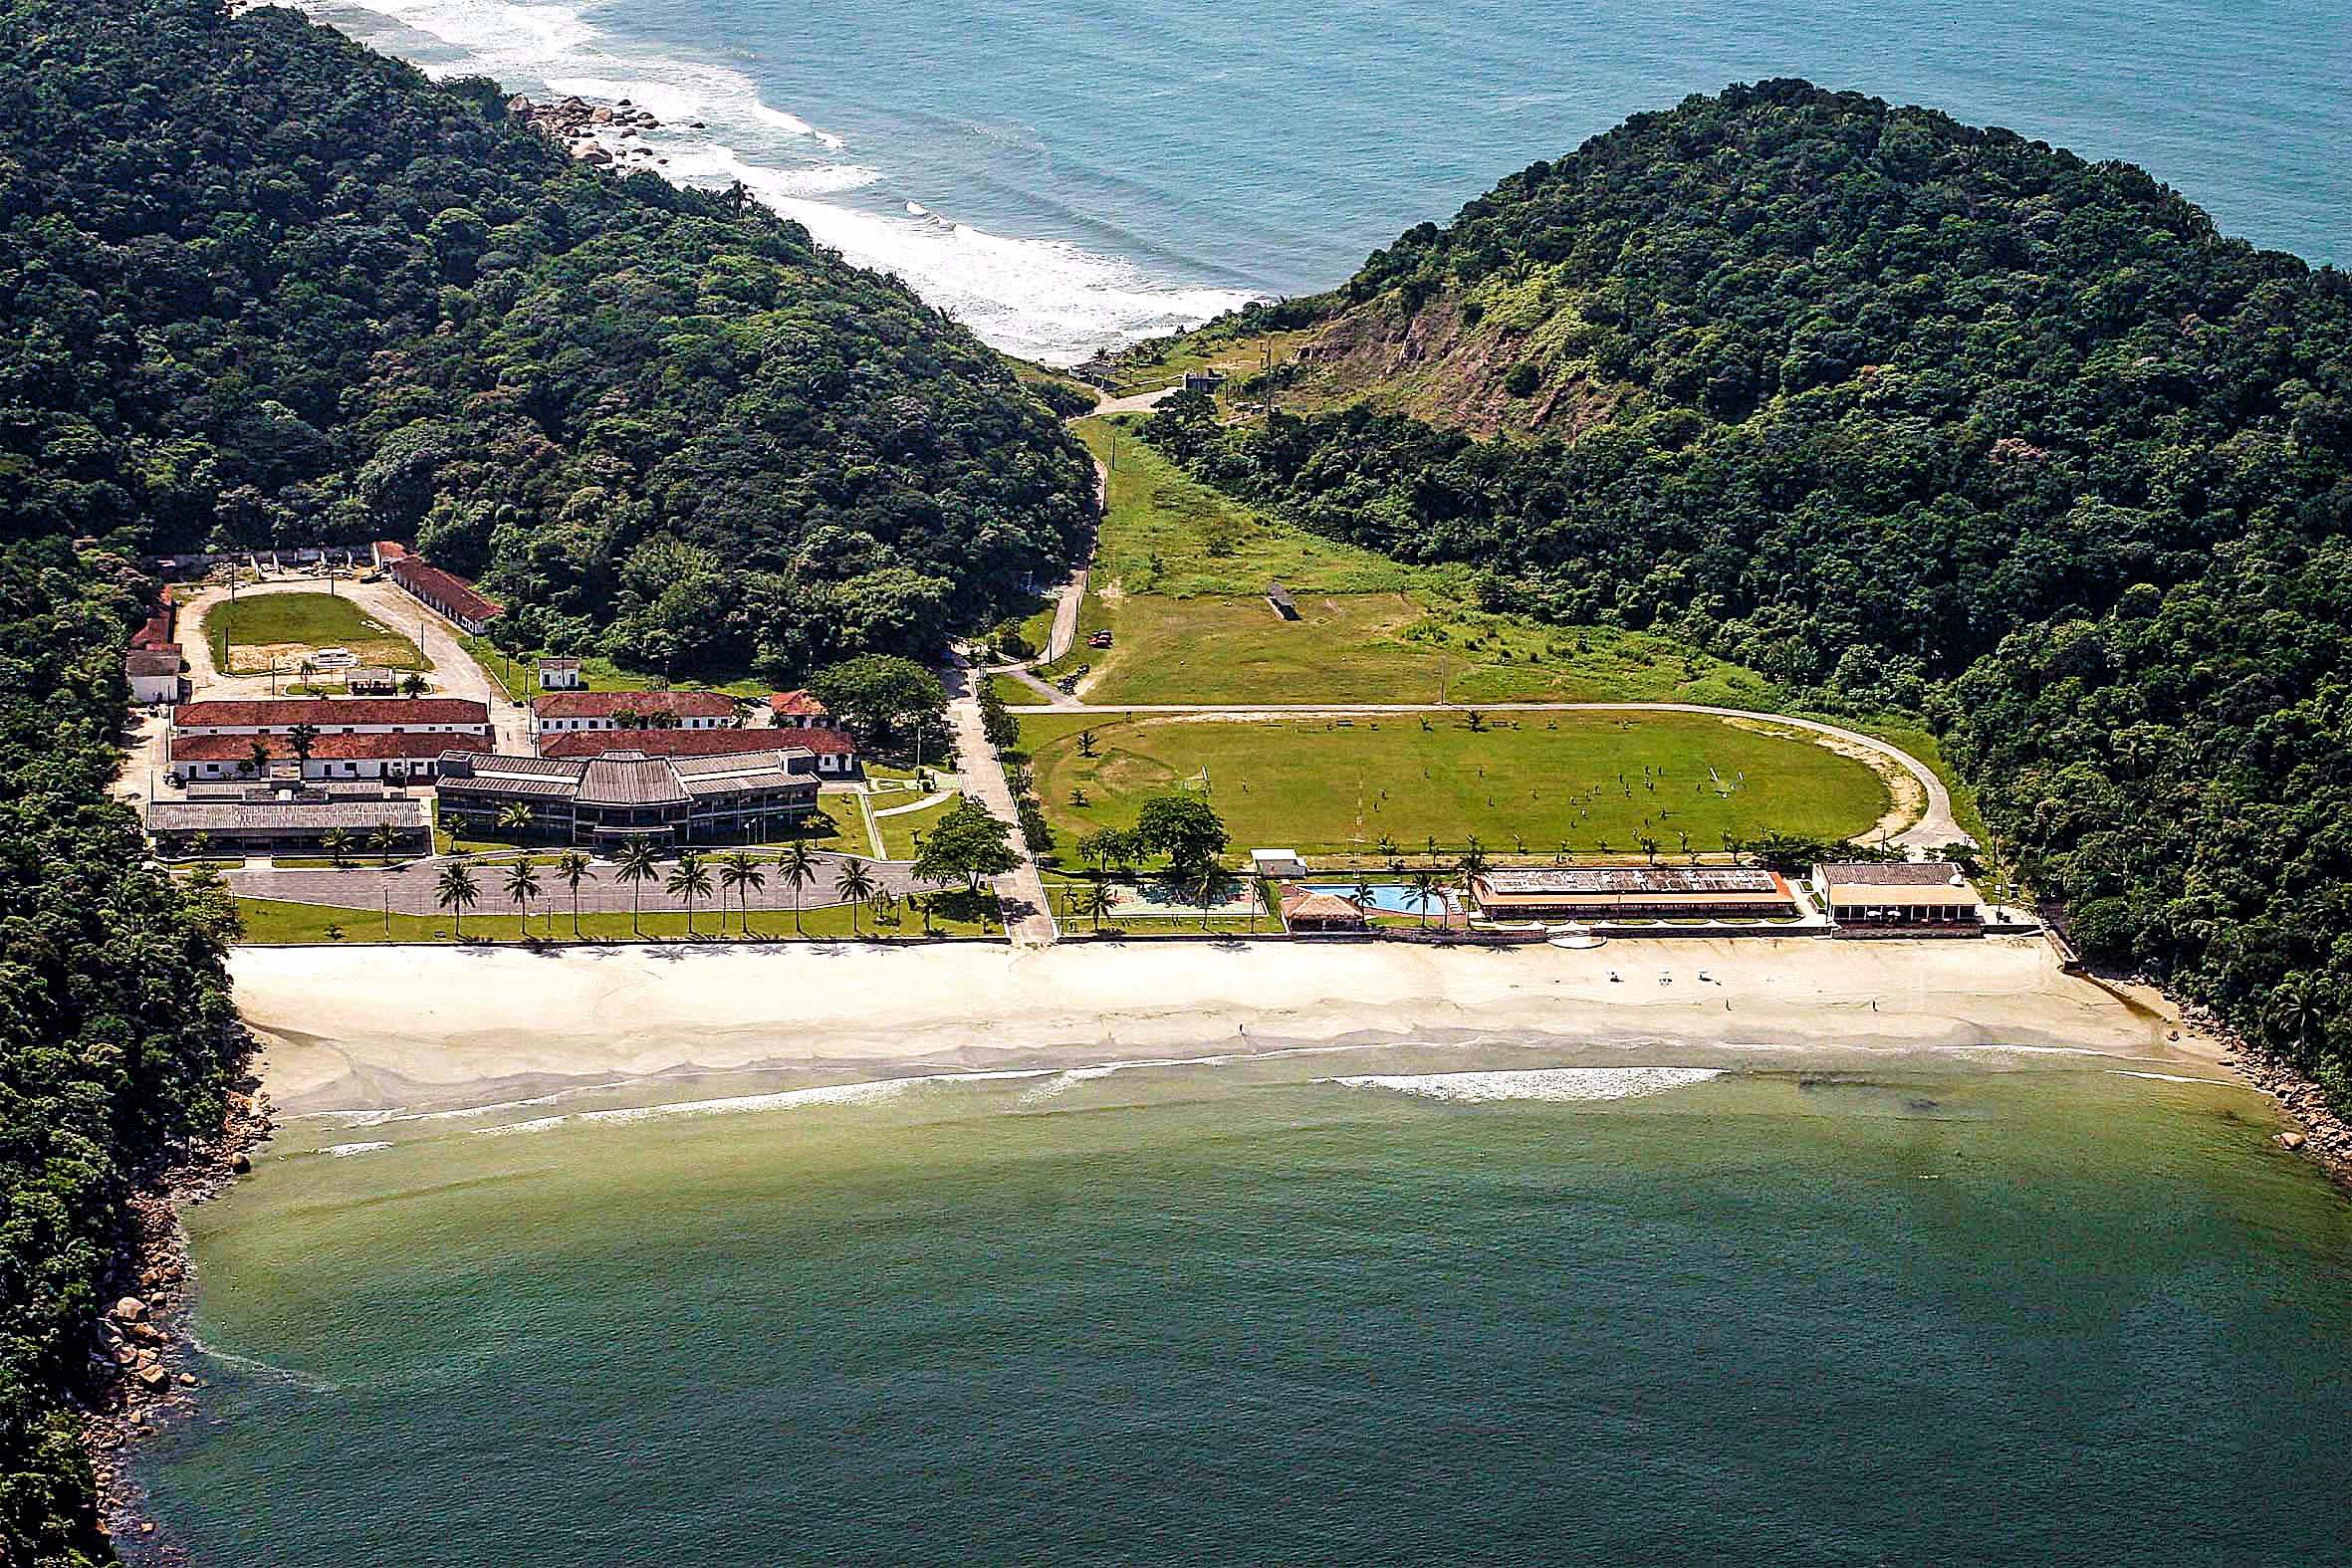 Forte dos Andradas, no Guarujá, tem visitas guiadas ao público | VEJA SÃO  PAULO